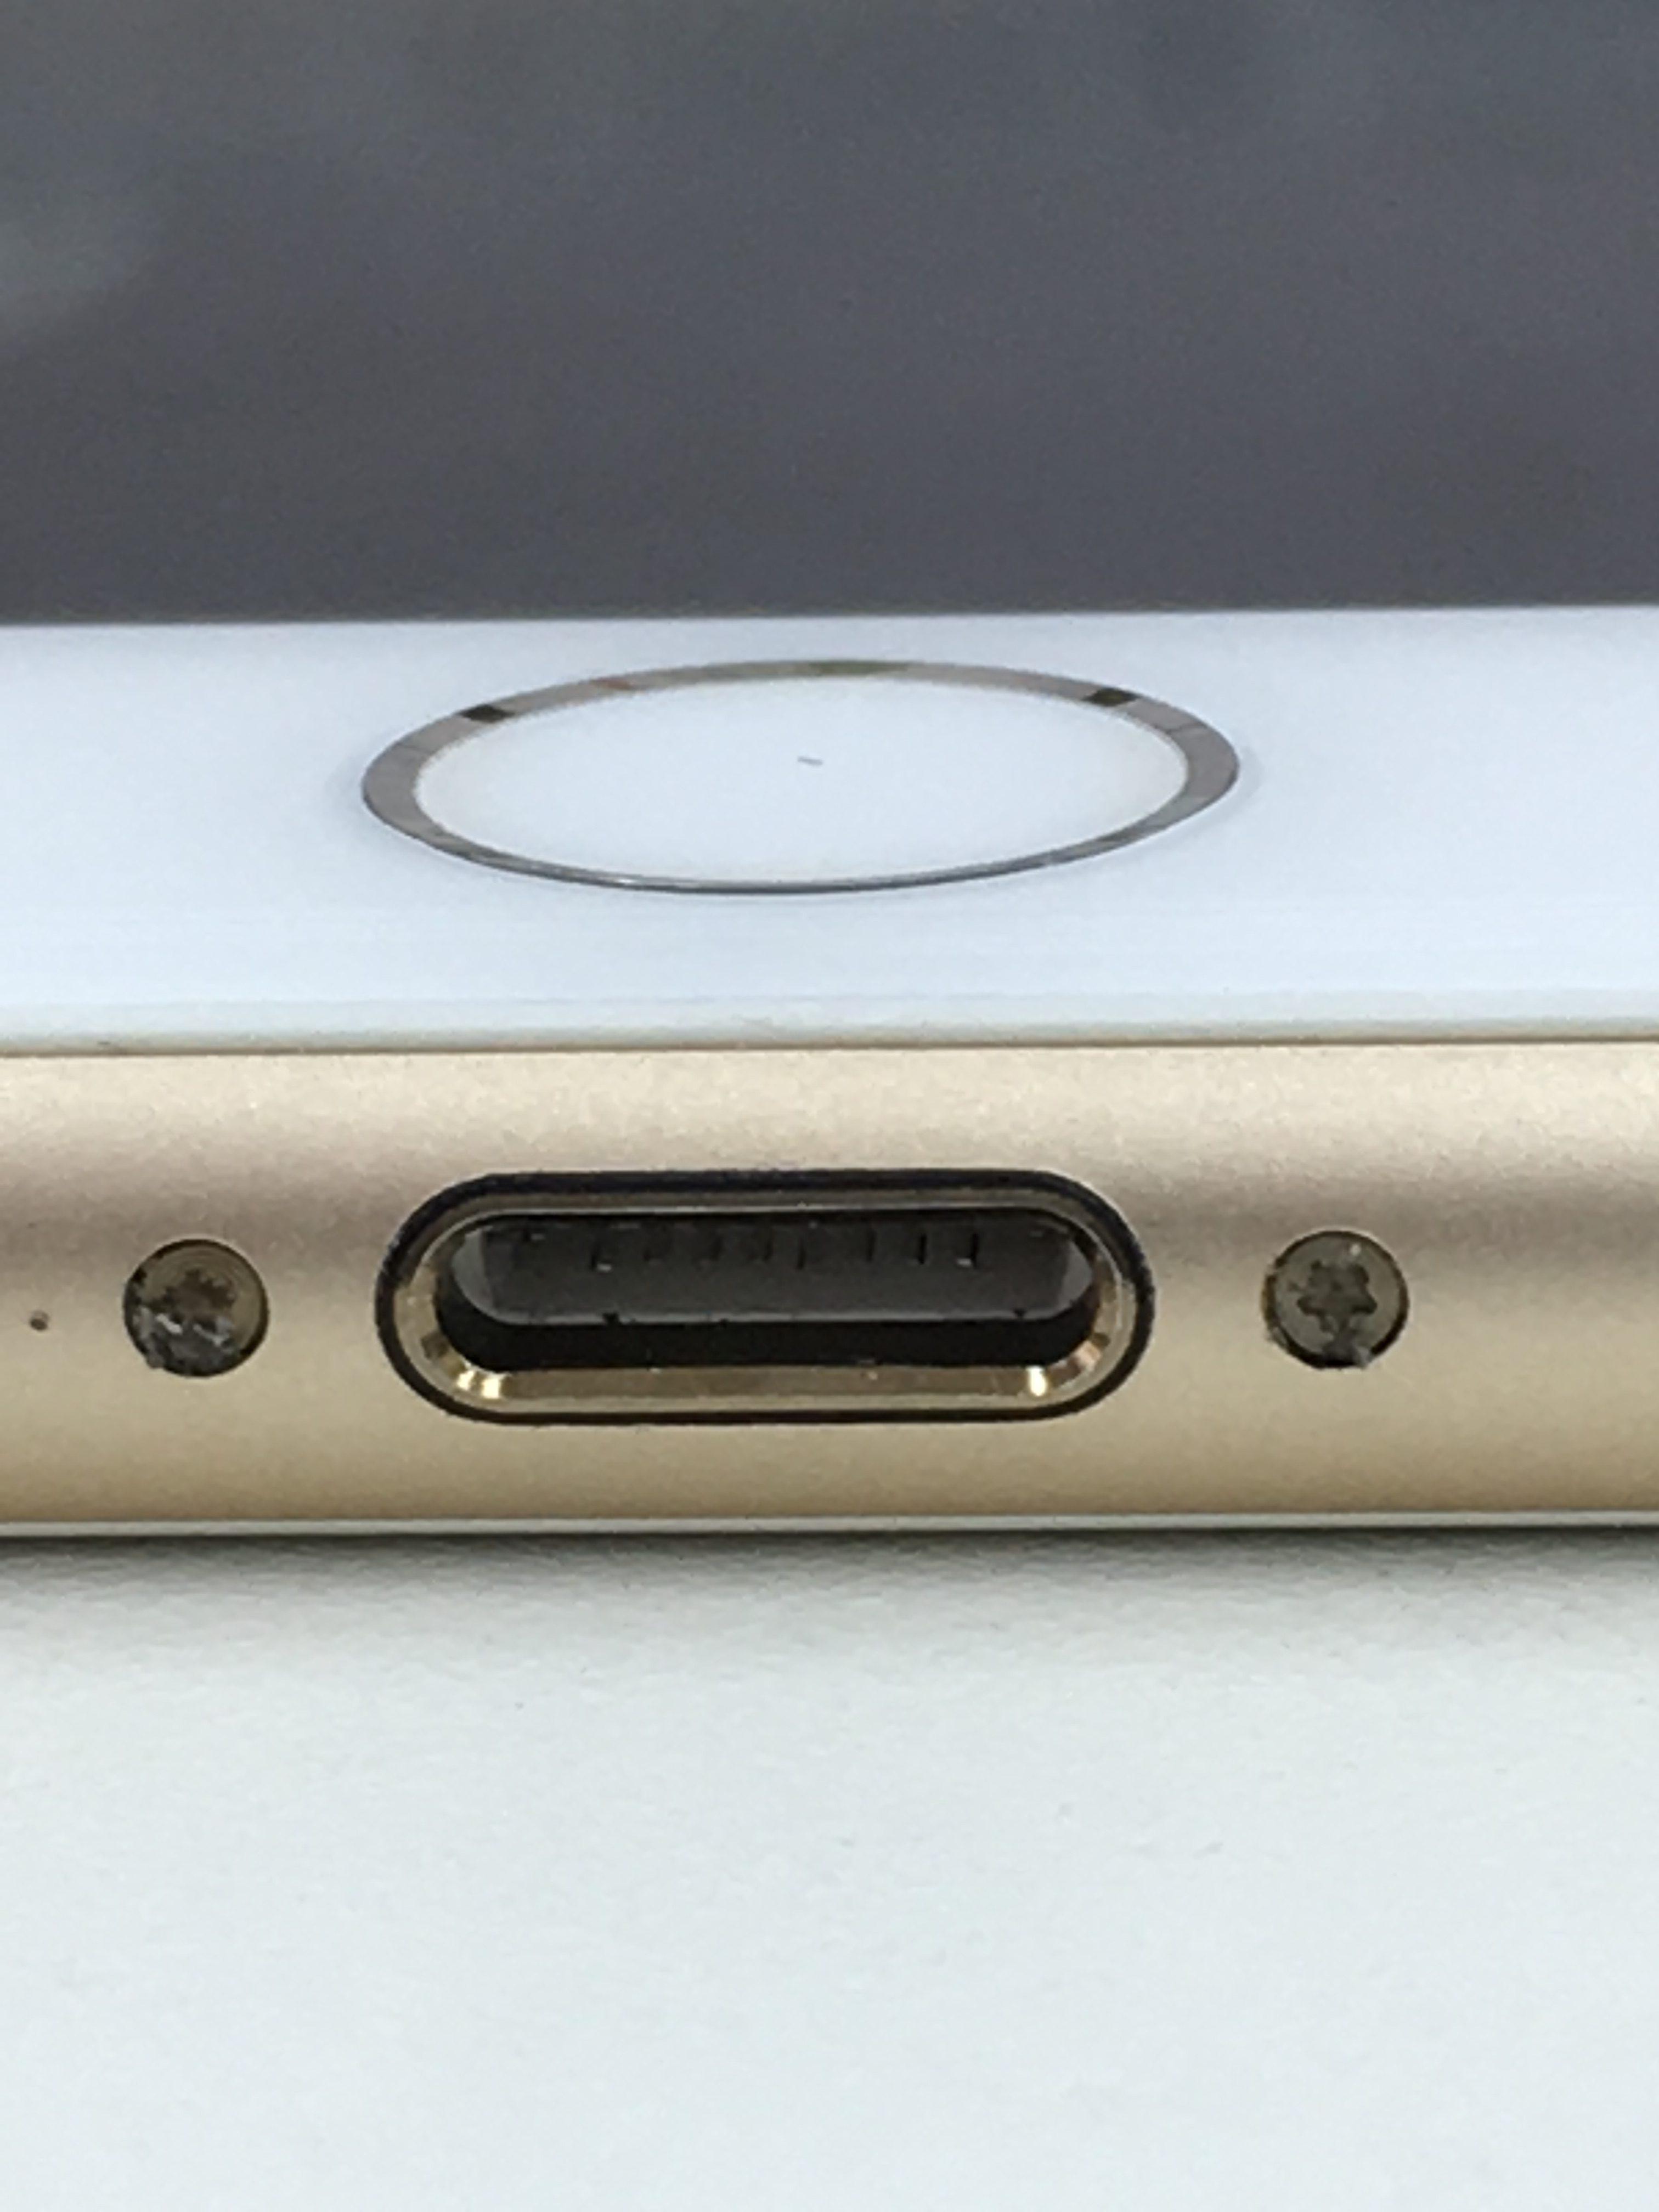 iPhone7Plus充電口交換後